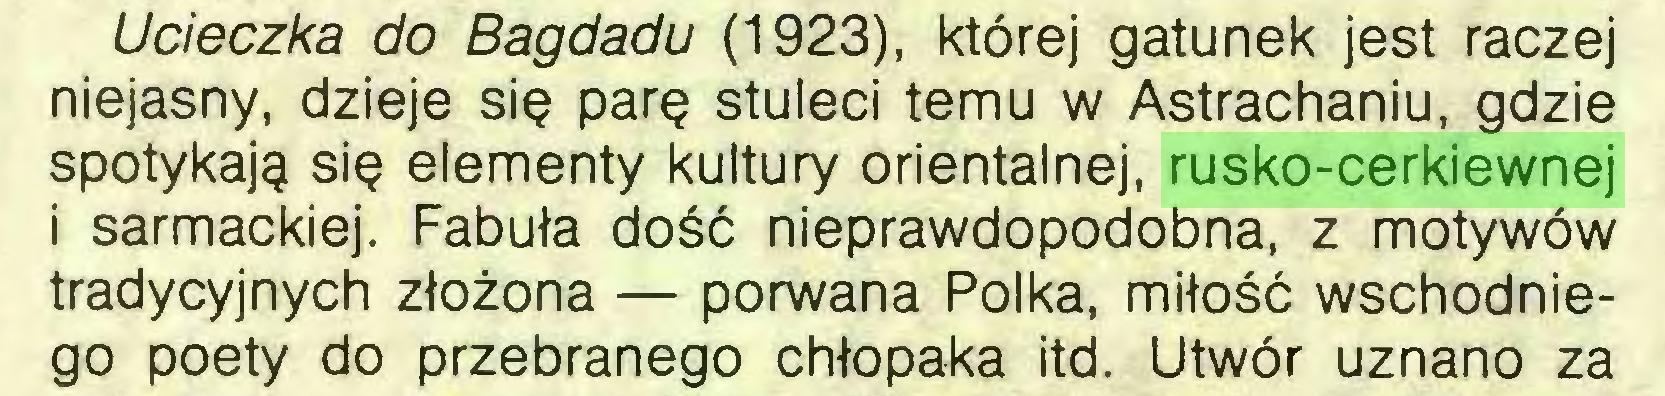 (...) Ucieczka do Bagdadu (1923), której gatunek jest raczej niejasny, dzieje się parę stuleci temu w Astrachaniu, gdzie spotykają się elementy kultury orientalnej, rusko-cerkiewnej i sarmackiej. Fabuła dość nieprawdopodobna, z motywów tradycyjnych złożona — porwana Polka, miłość wschodniego poety do przebranego chłopaka itd. Utwór uznano za...